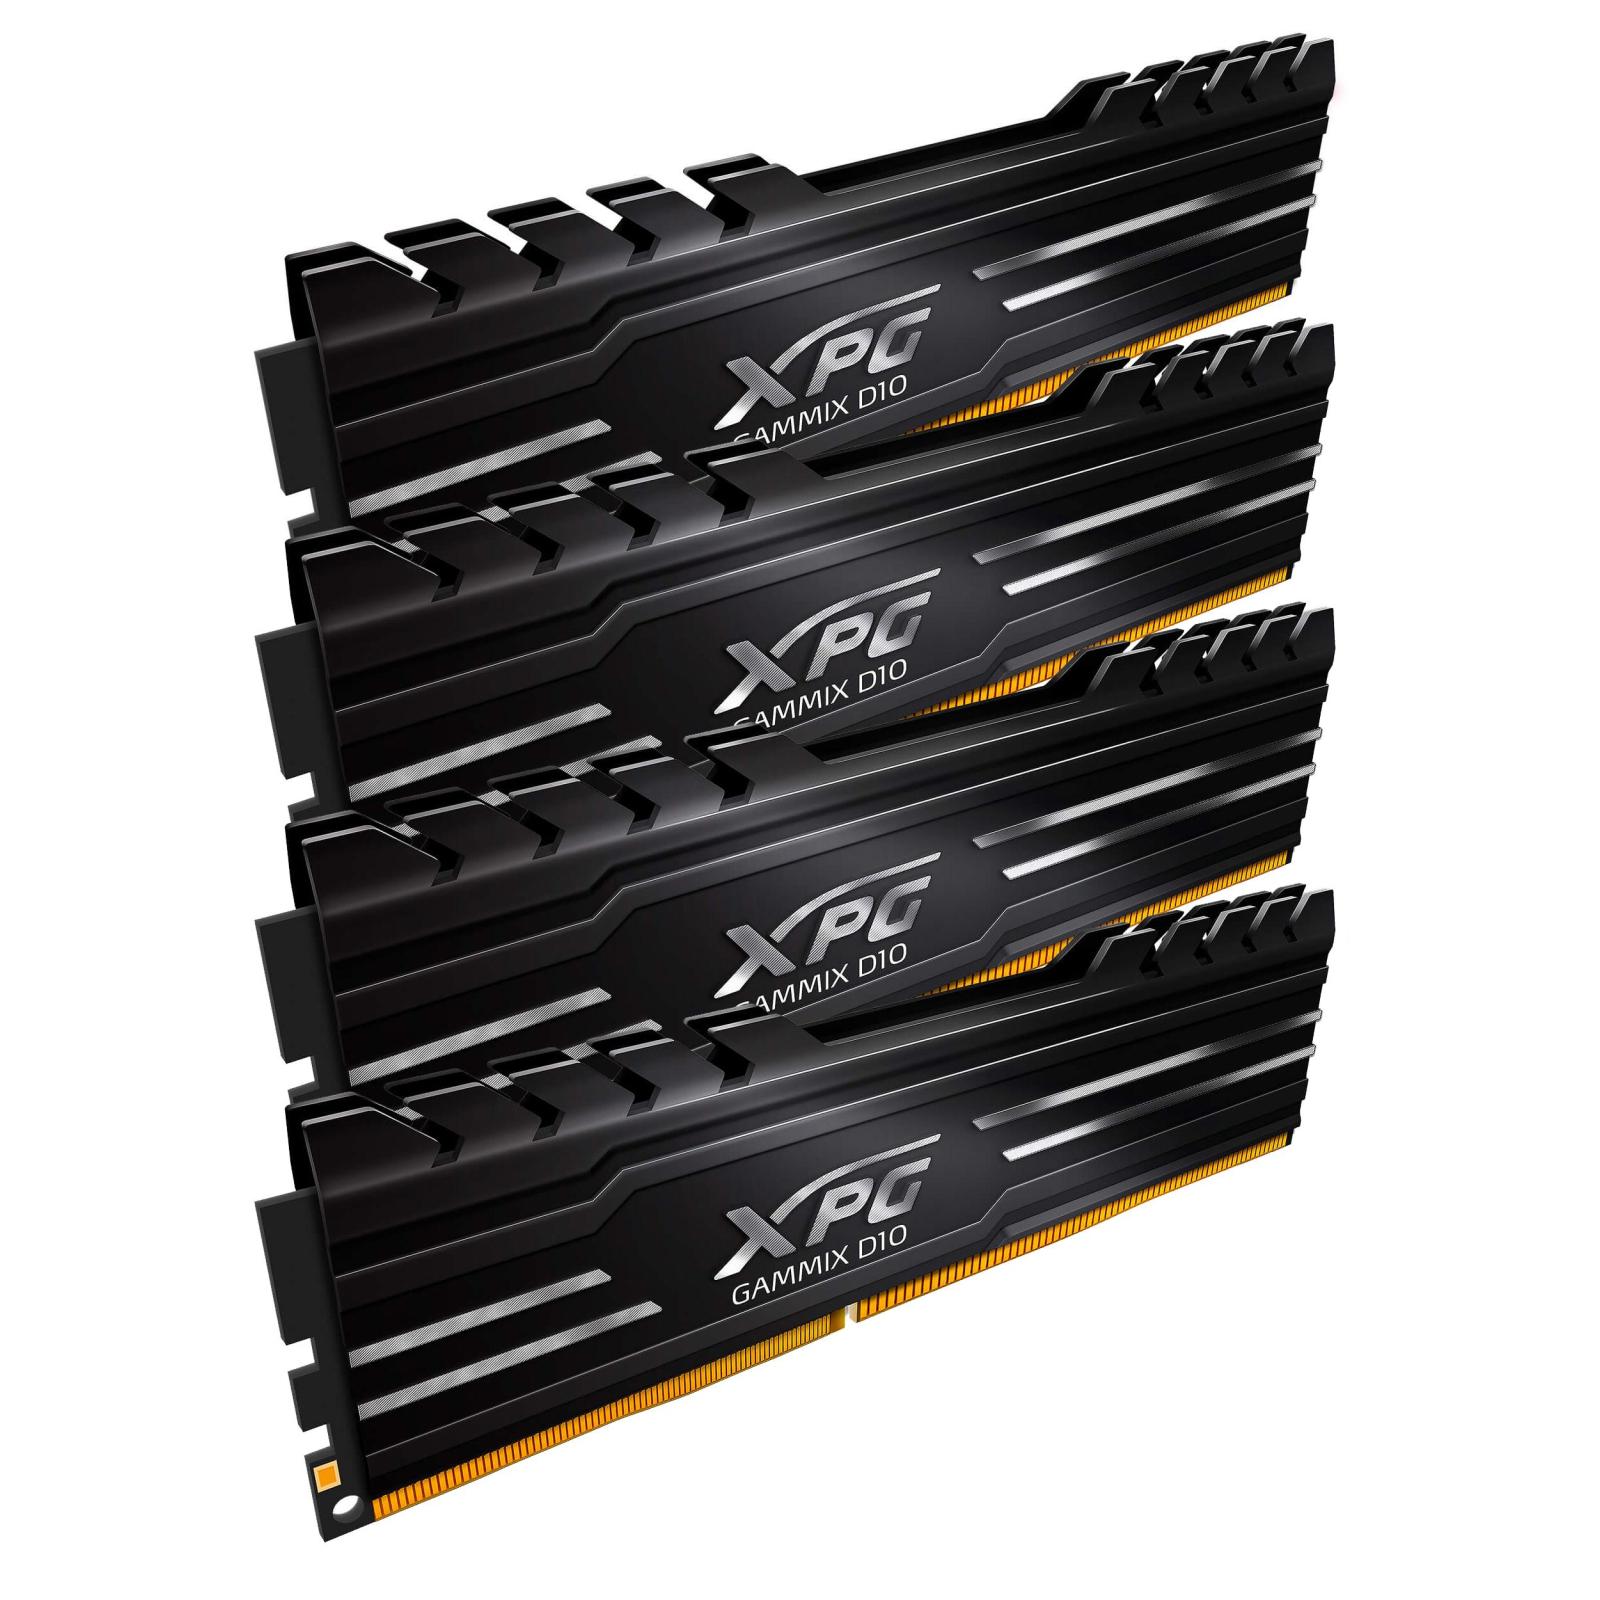 Модуль памяти для компьютера DDR4 16GB (4x4GB) 3000 MHz XPG Gammix D10 Black ADATA (AX4U3000W4G16-QBG) изображение 2